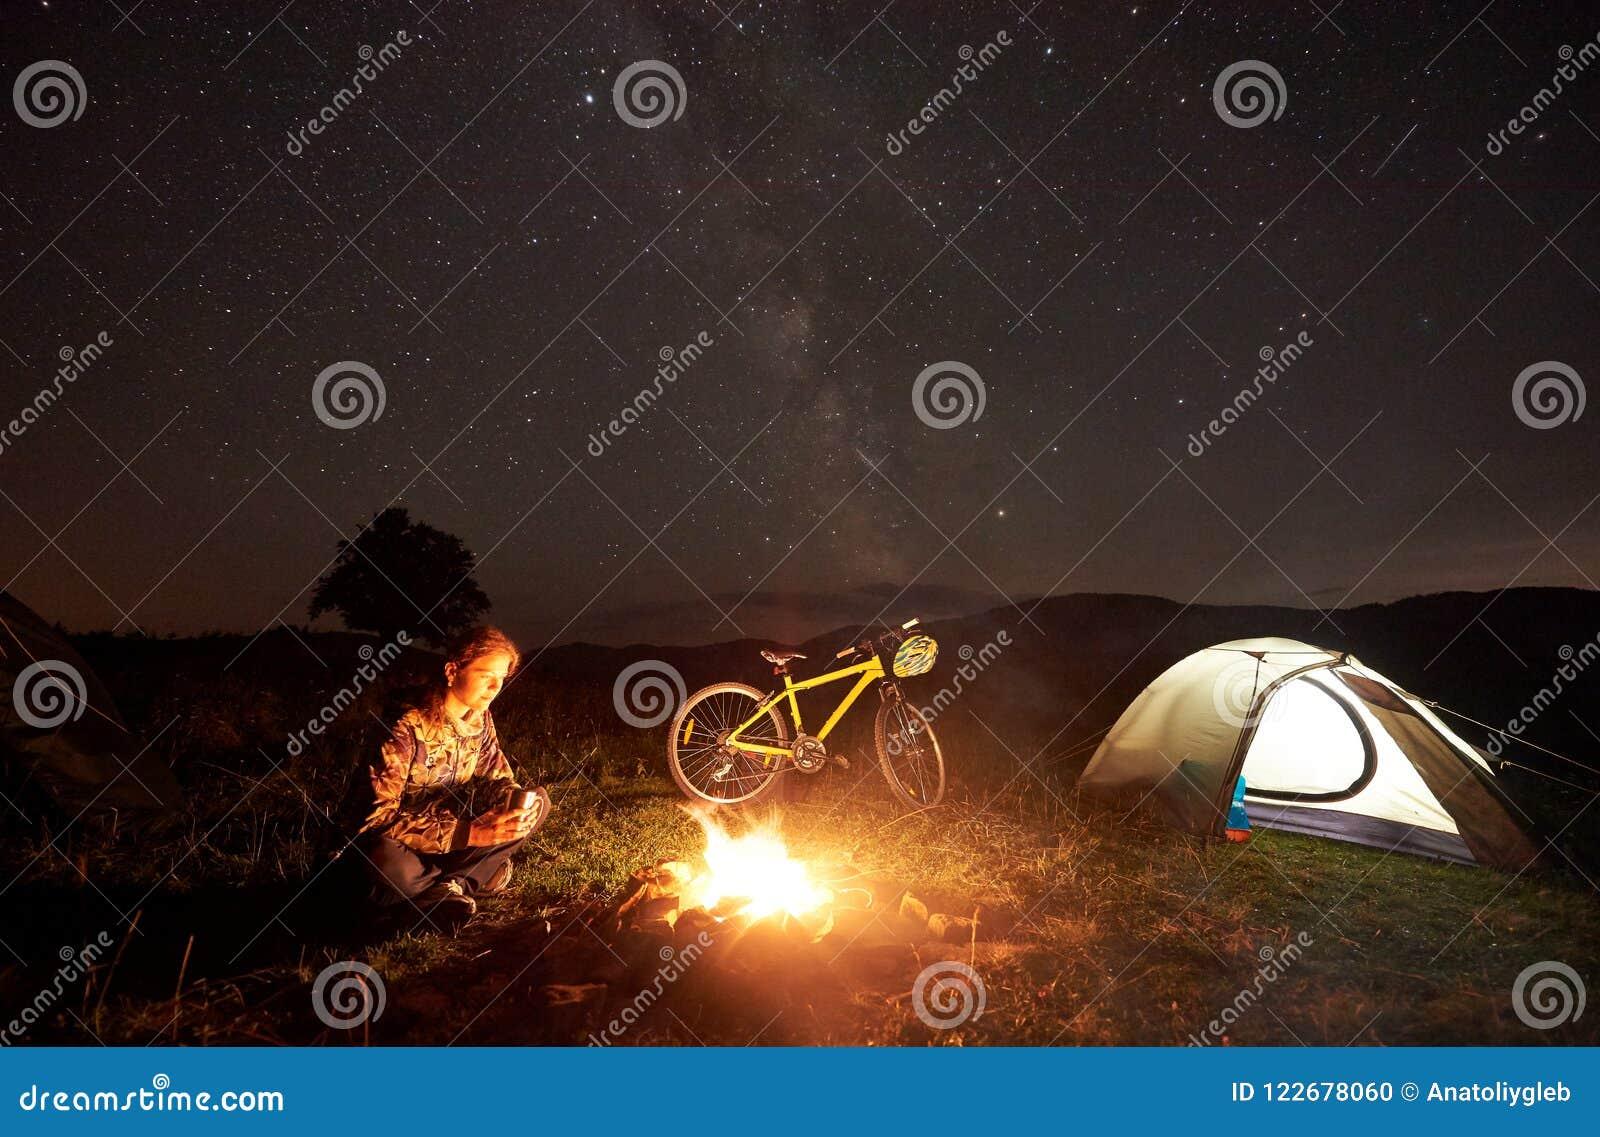 Γυναίκα που στηρίζεται τη νύχτα να στρατοπεδεύσει κοντά στην πυρά προσκόπων, σκηνή τουριστών, ποδήλατο κάτω από το σύνολο ουρανού